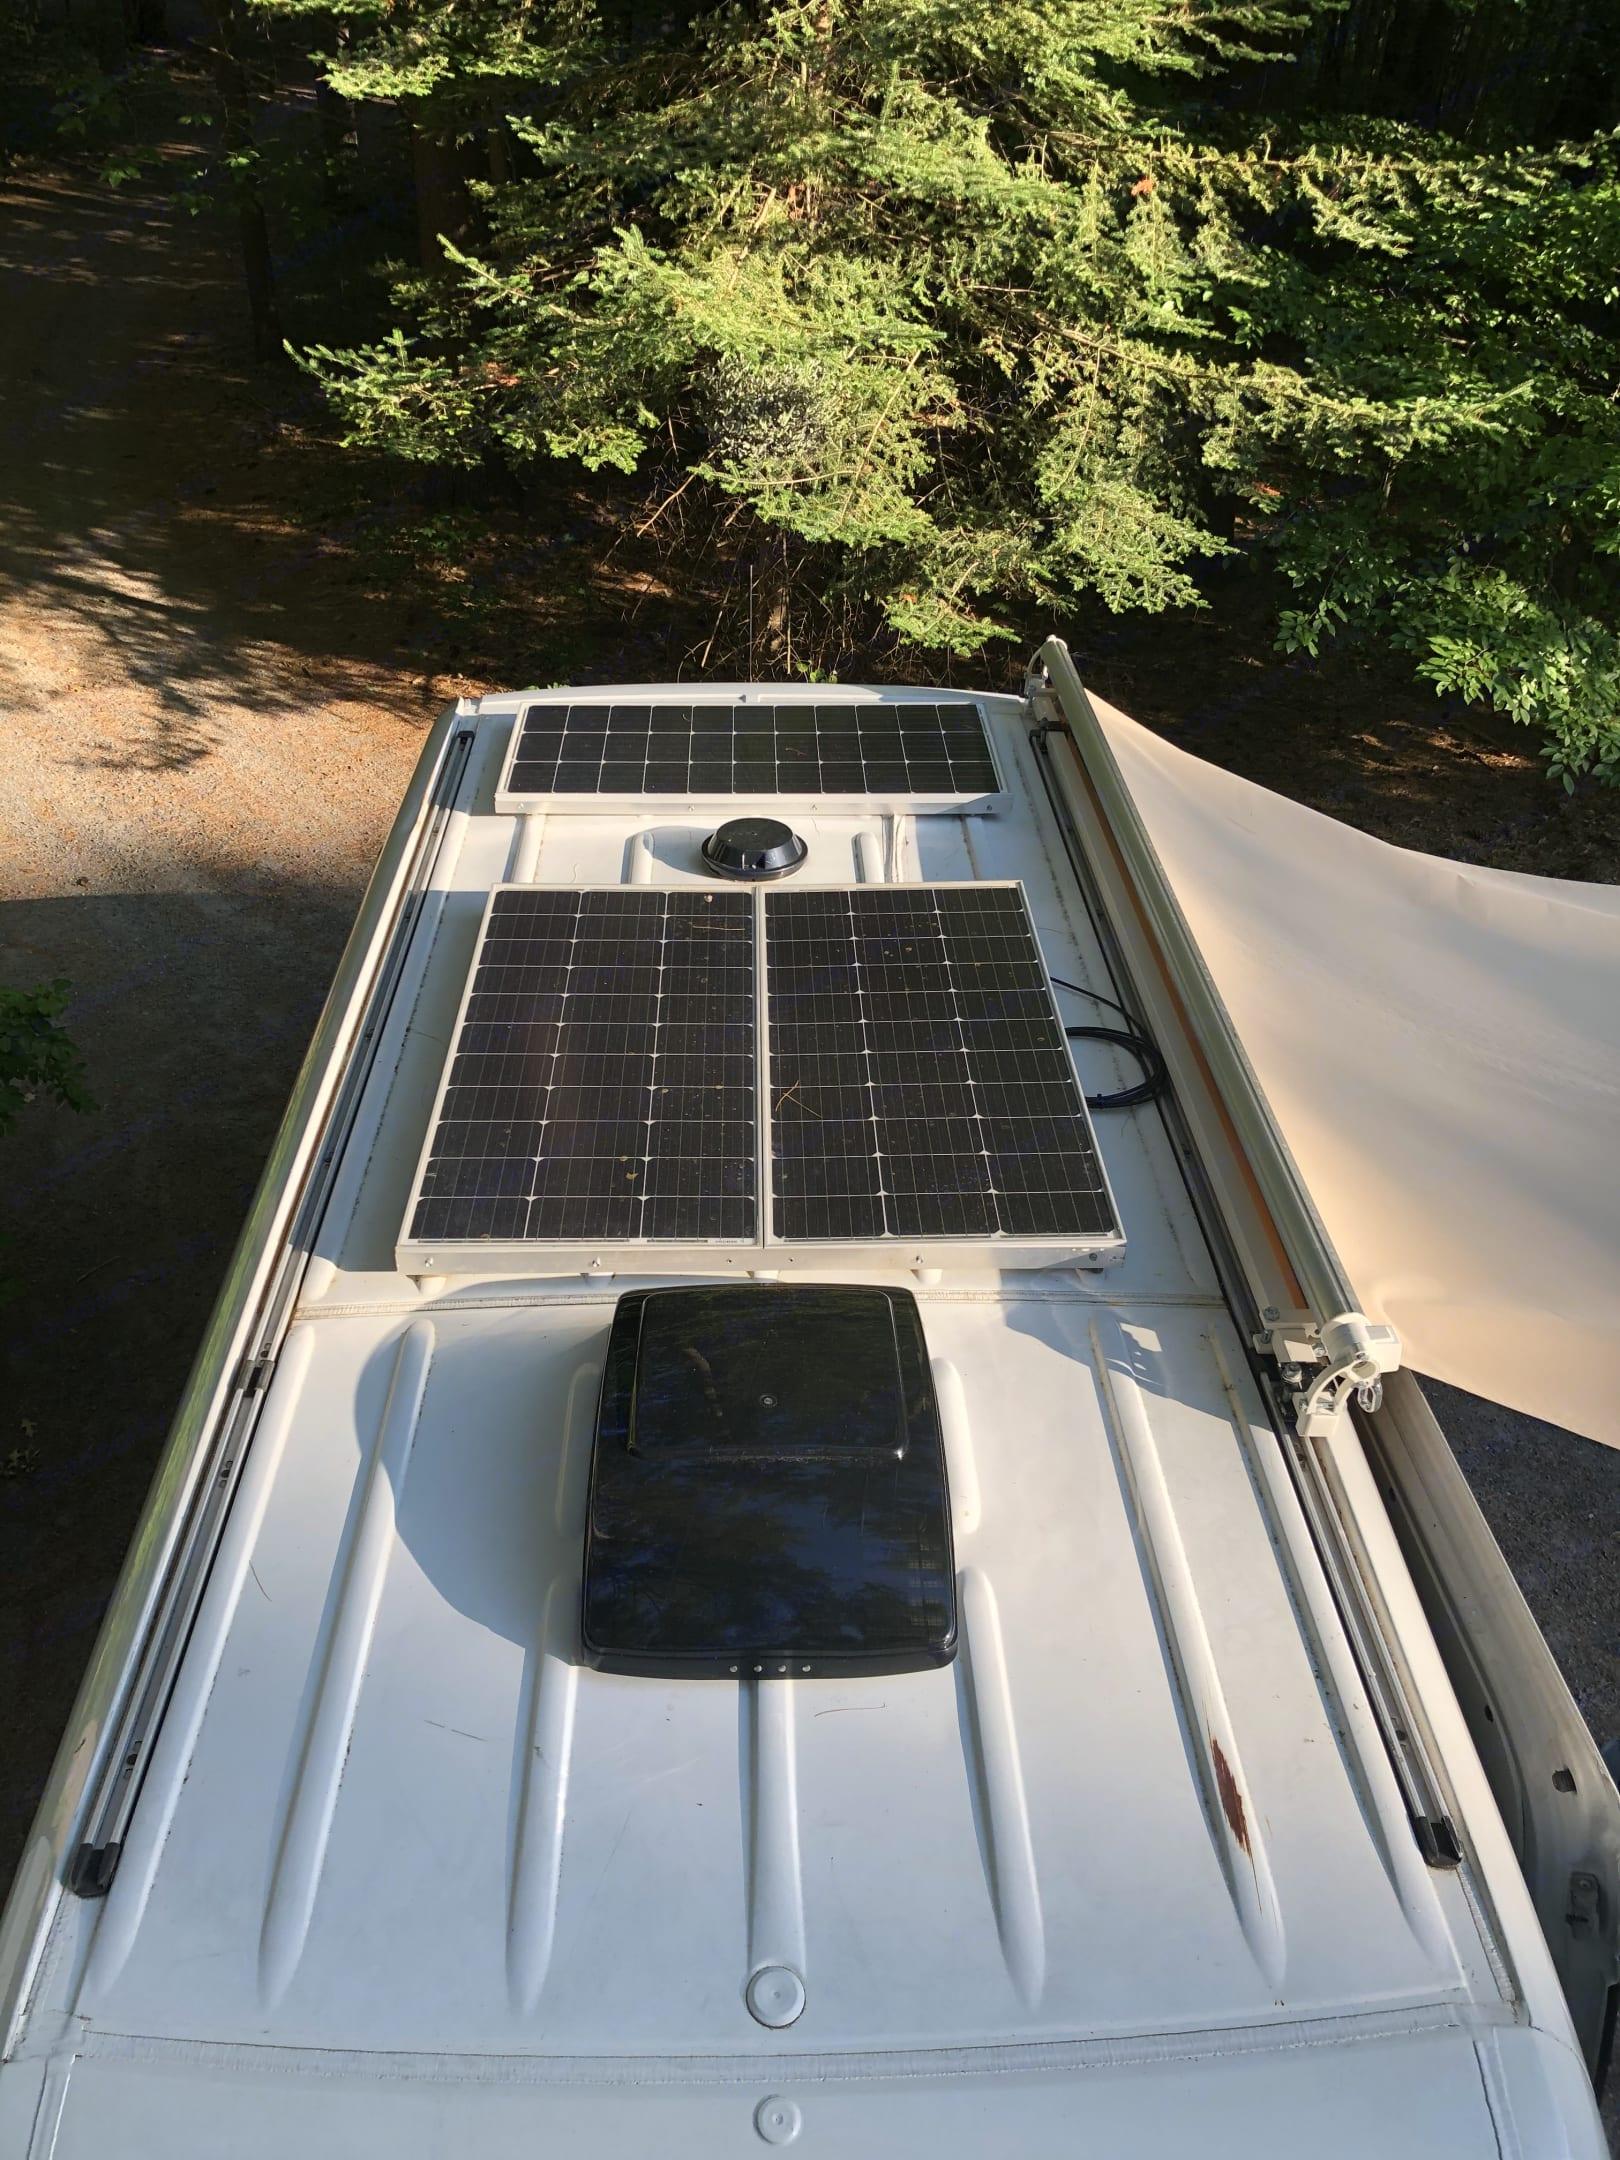 3 panel solar roof. Dodge Sprinter Van 2007